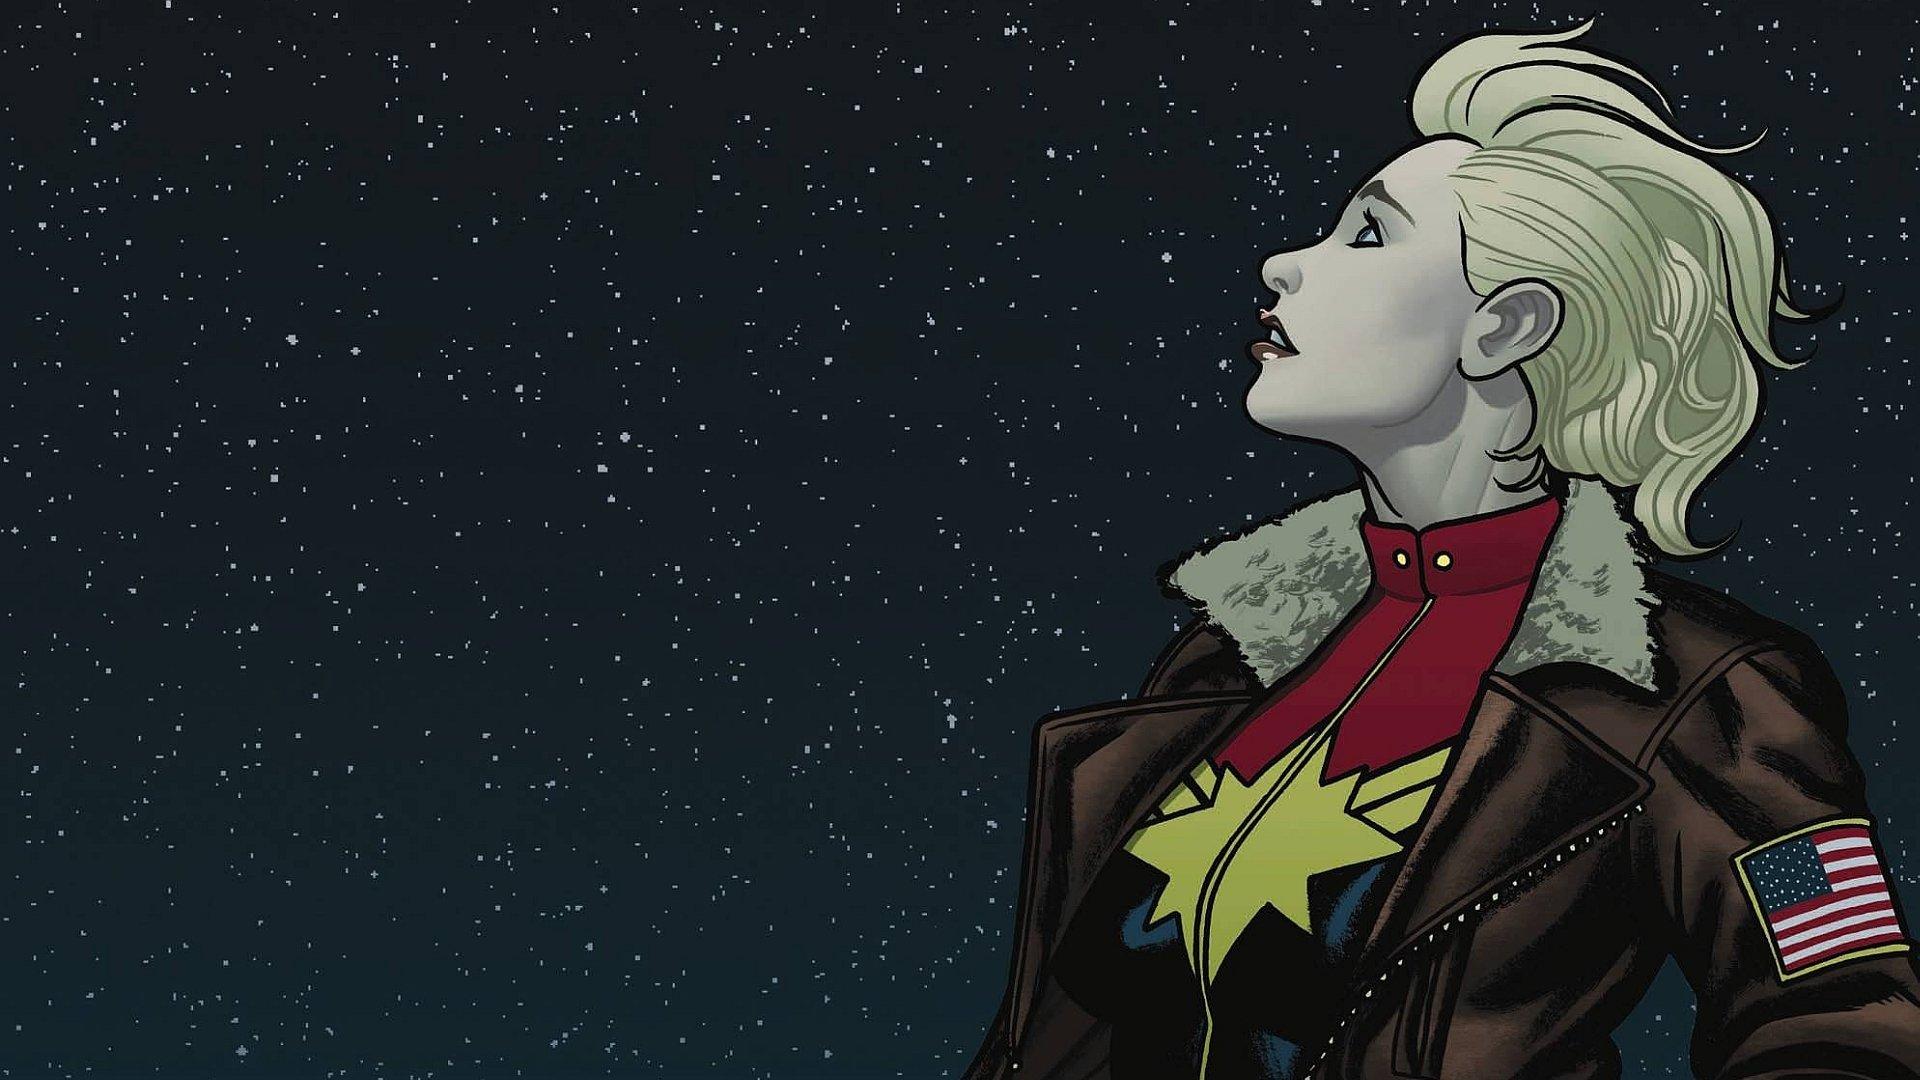 Captain Marvel HD Backgrounds For 1920x1080 Full 1080p Desktop